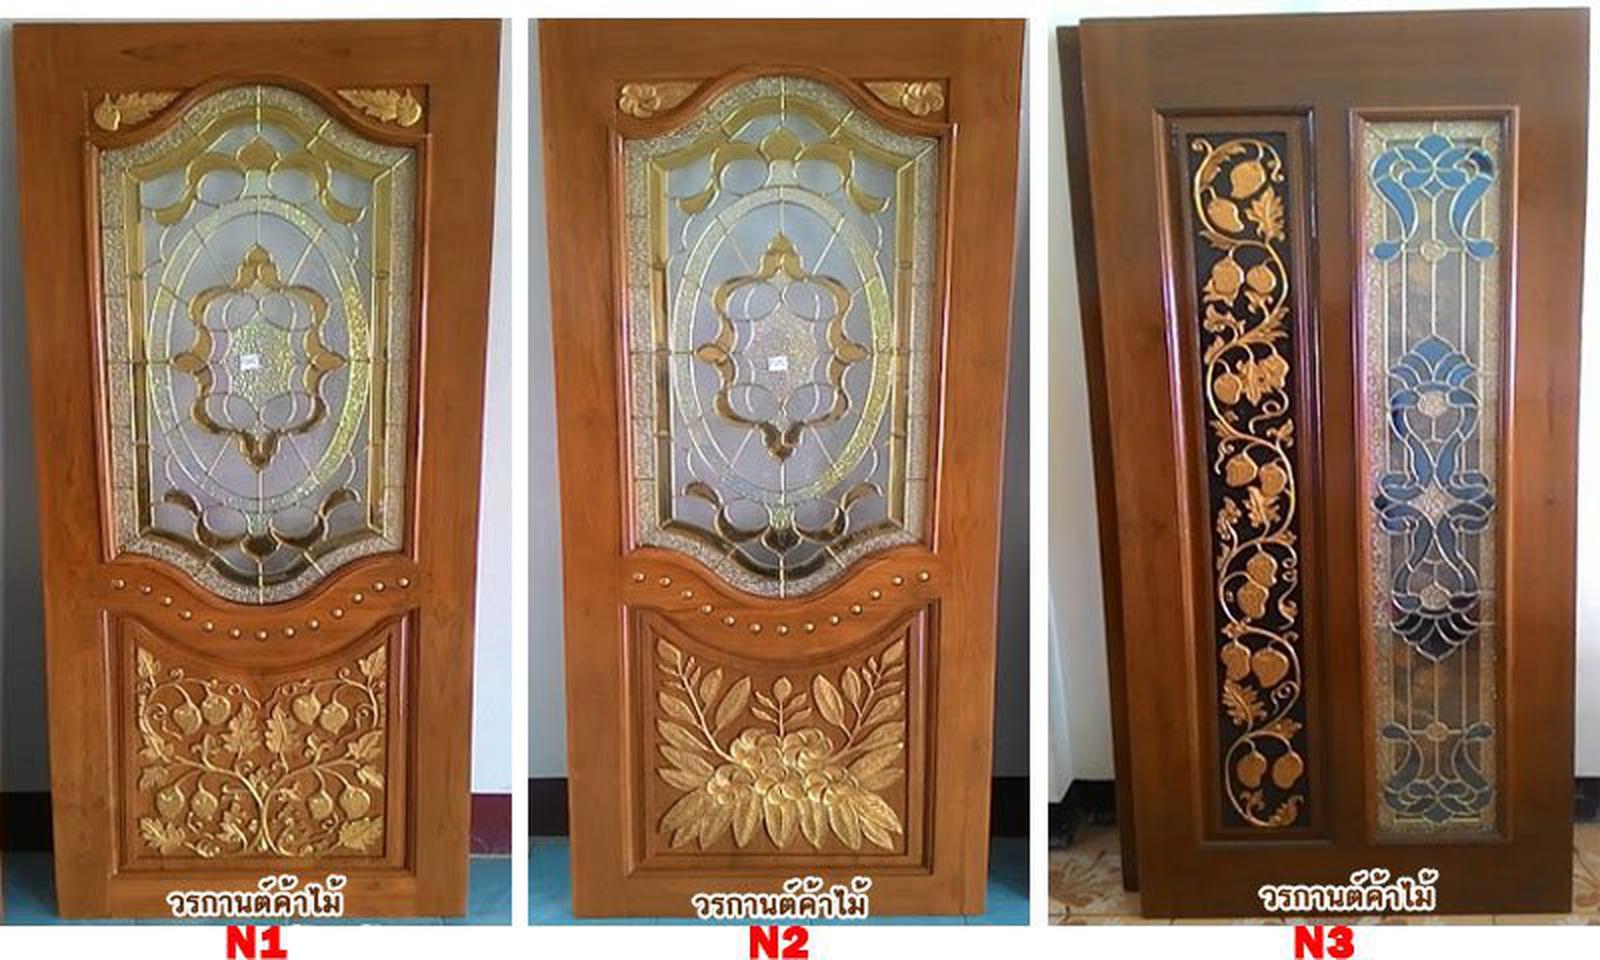 ประตูไม้สัก,ประตูไม้สักกระจกนิรภัย,ประตูไม้สักบานคู่,ประตูไม้สักบานเดี่ยว www.door-woodhome.com รูปที่ 2